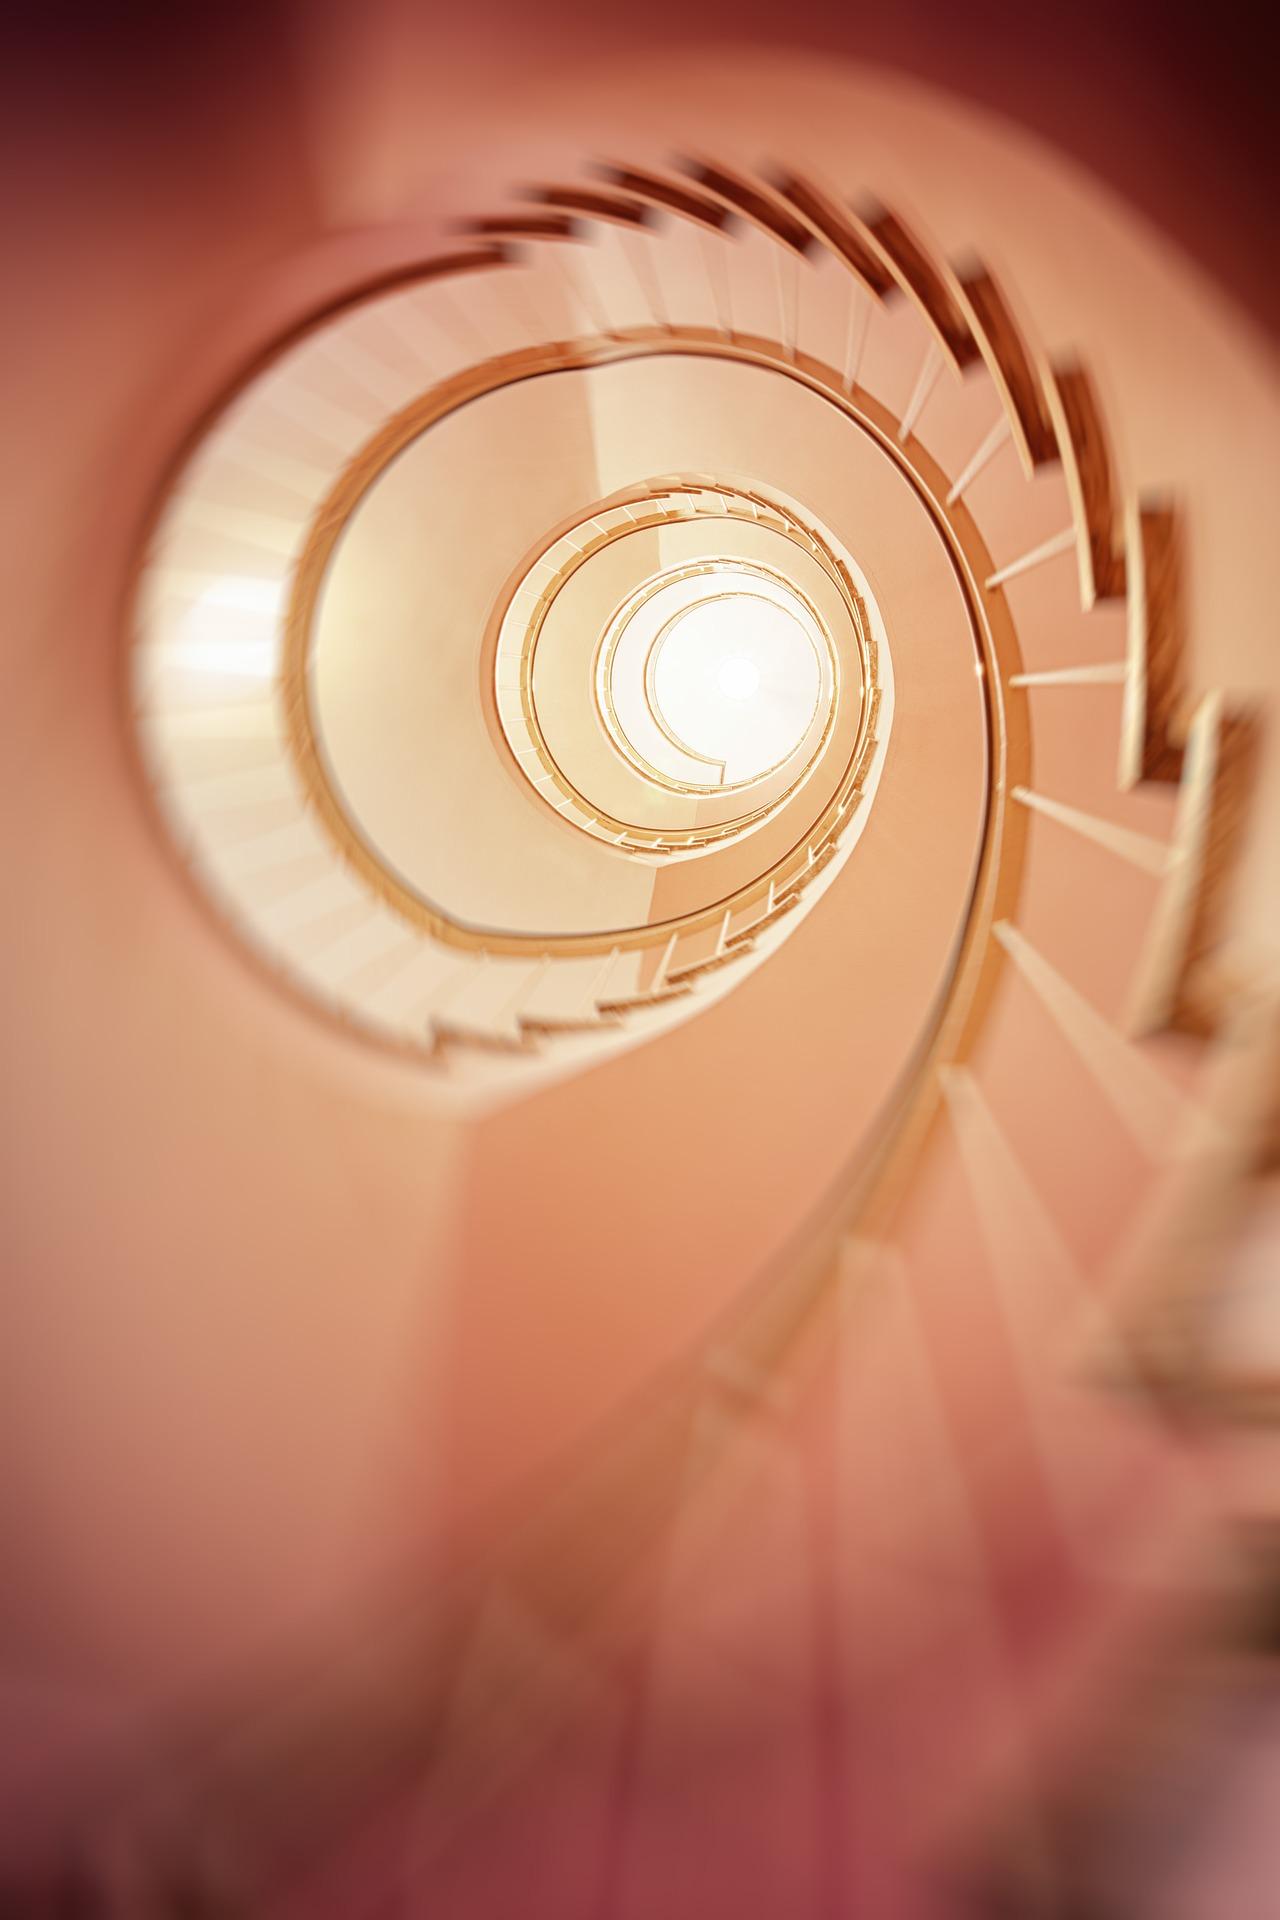 lépések felfelé, a boldogság és a belső Fény felé - erről szól a Vénusz-Rigel együttállás